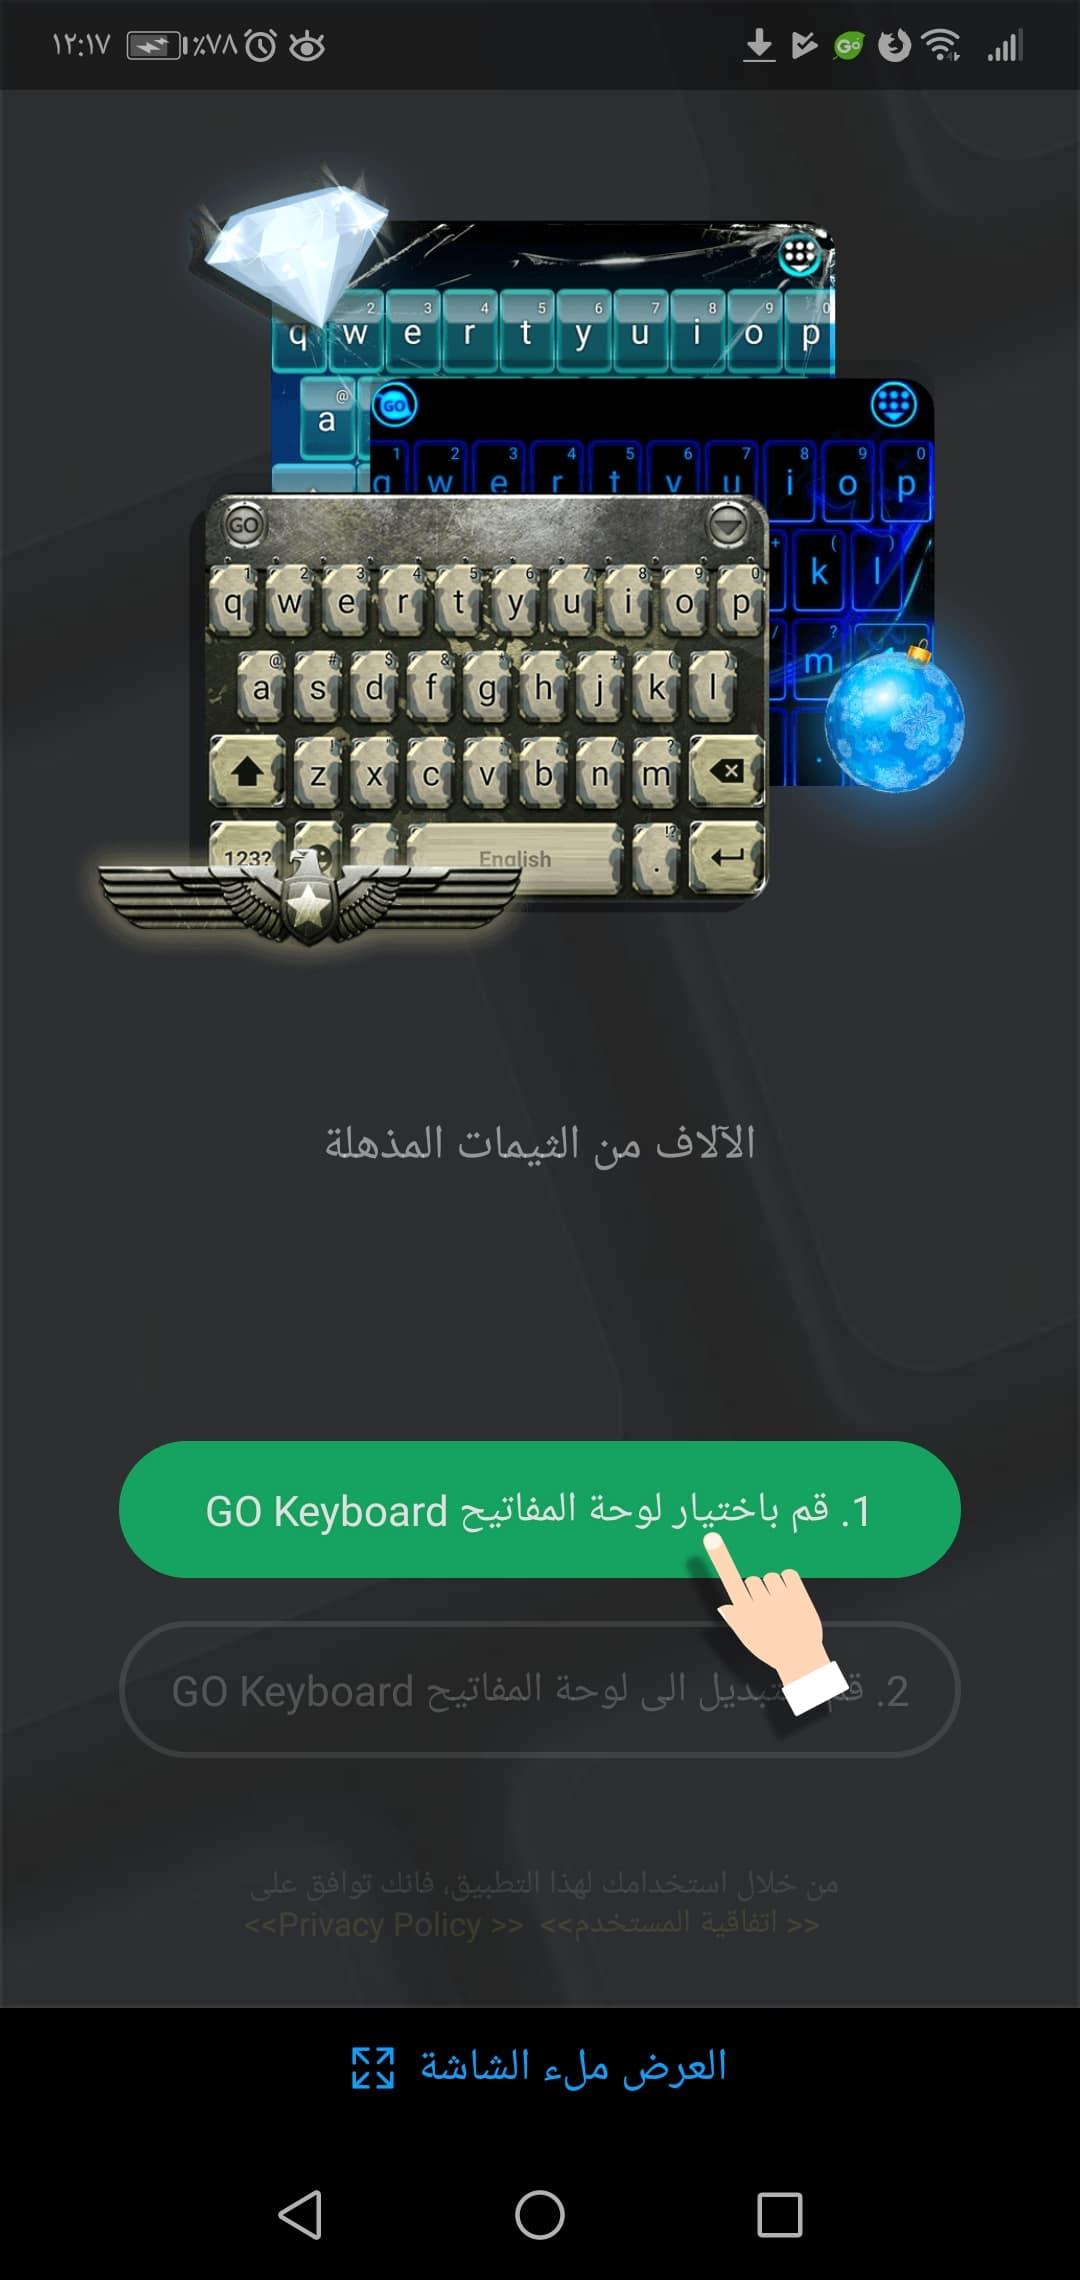 واجهة برنامج كيبورد عربي و انكليزي Arabic GO Keyboard